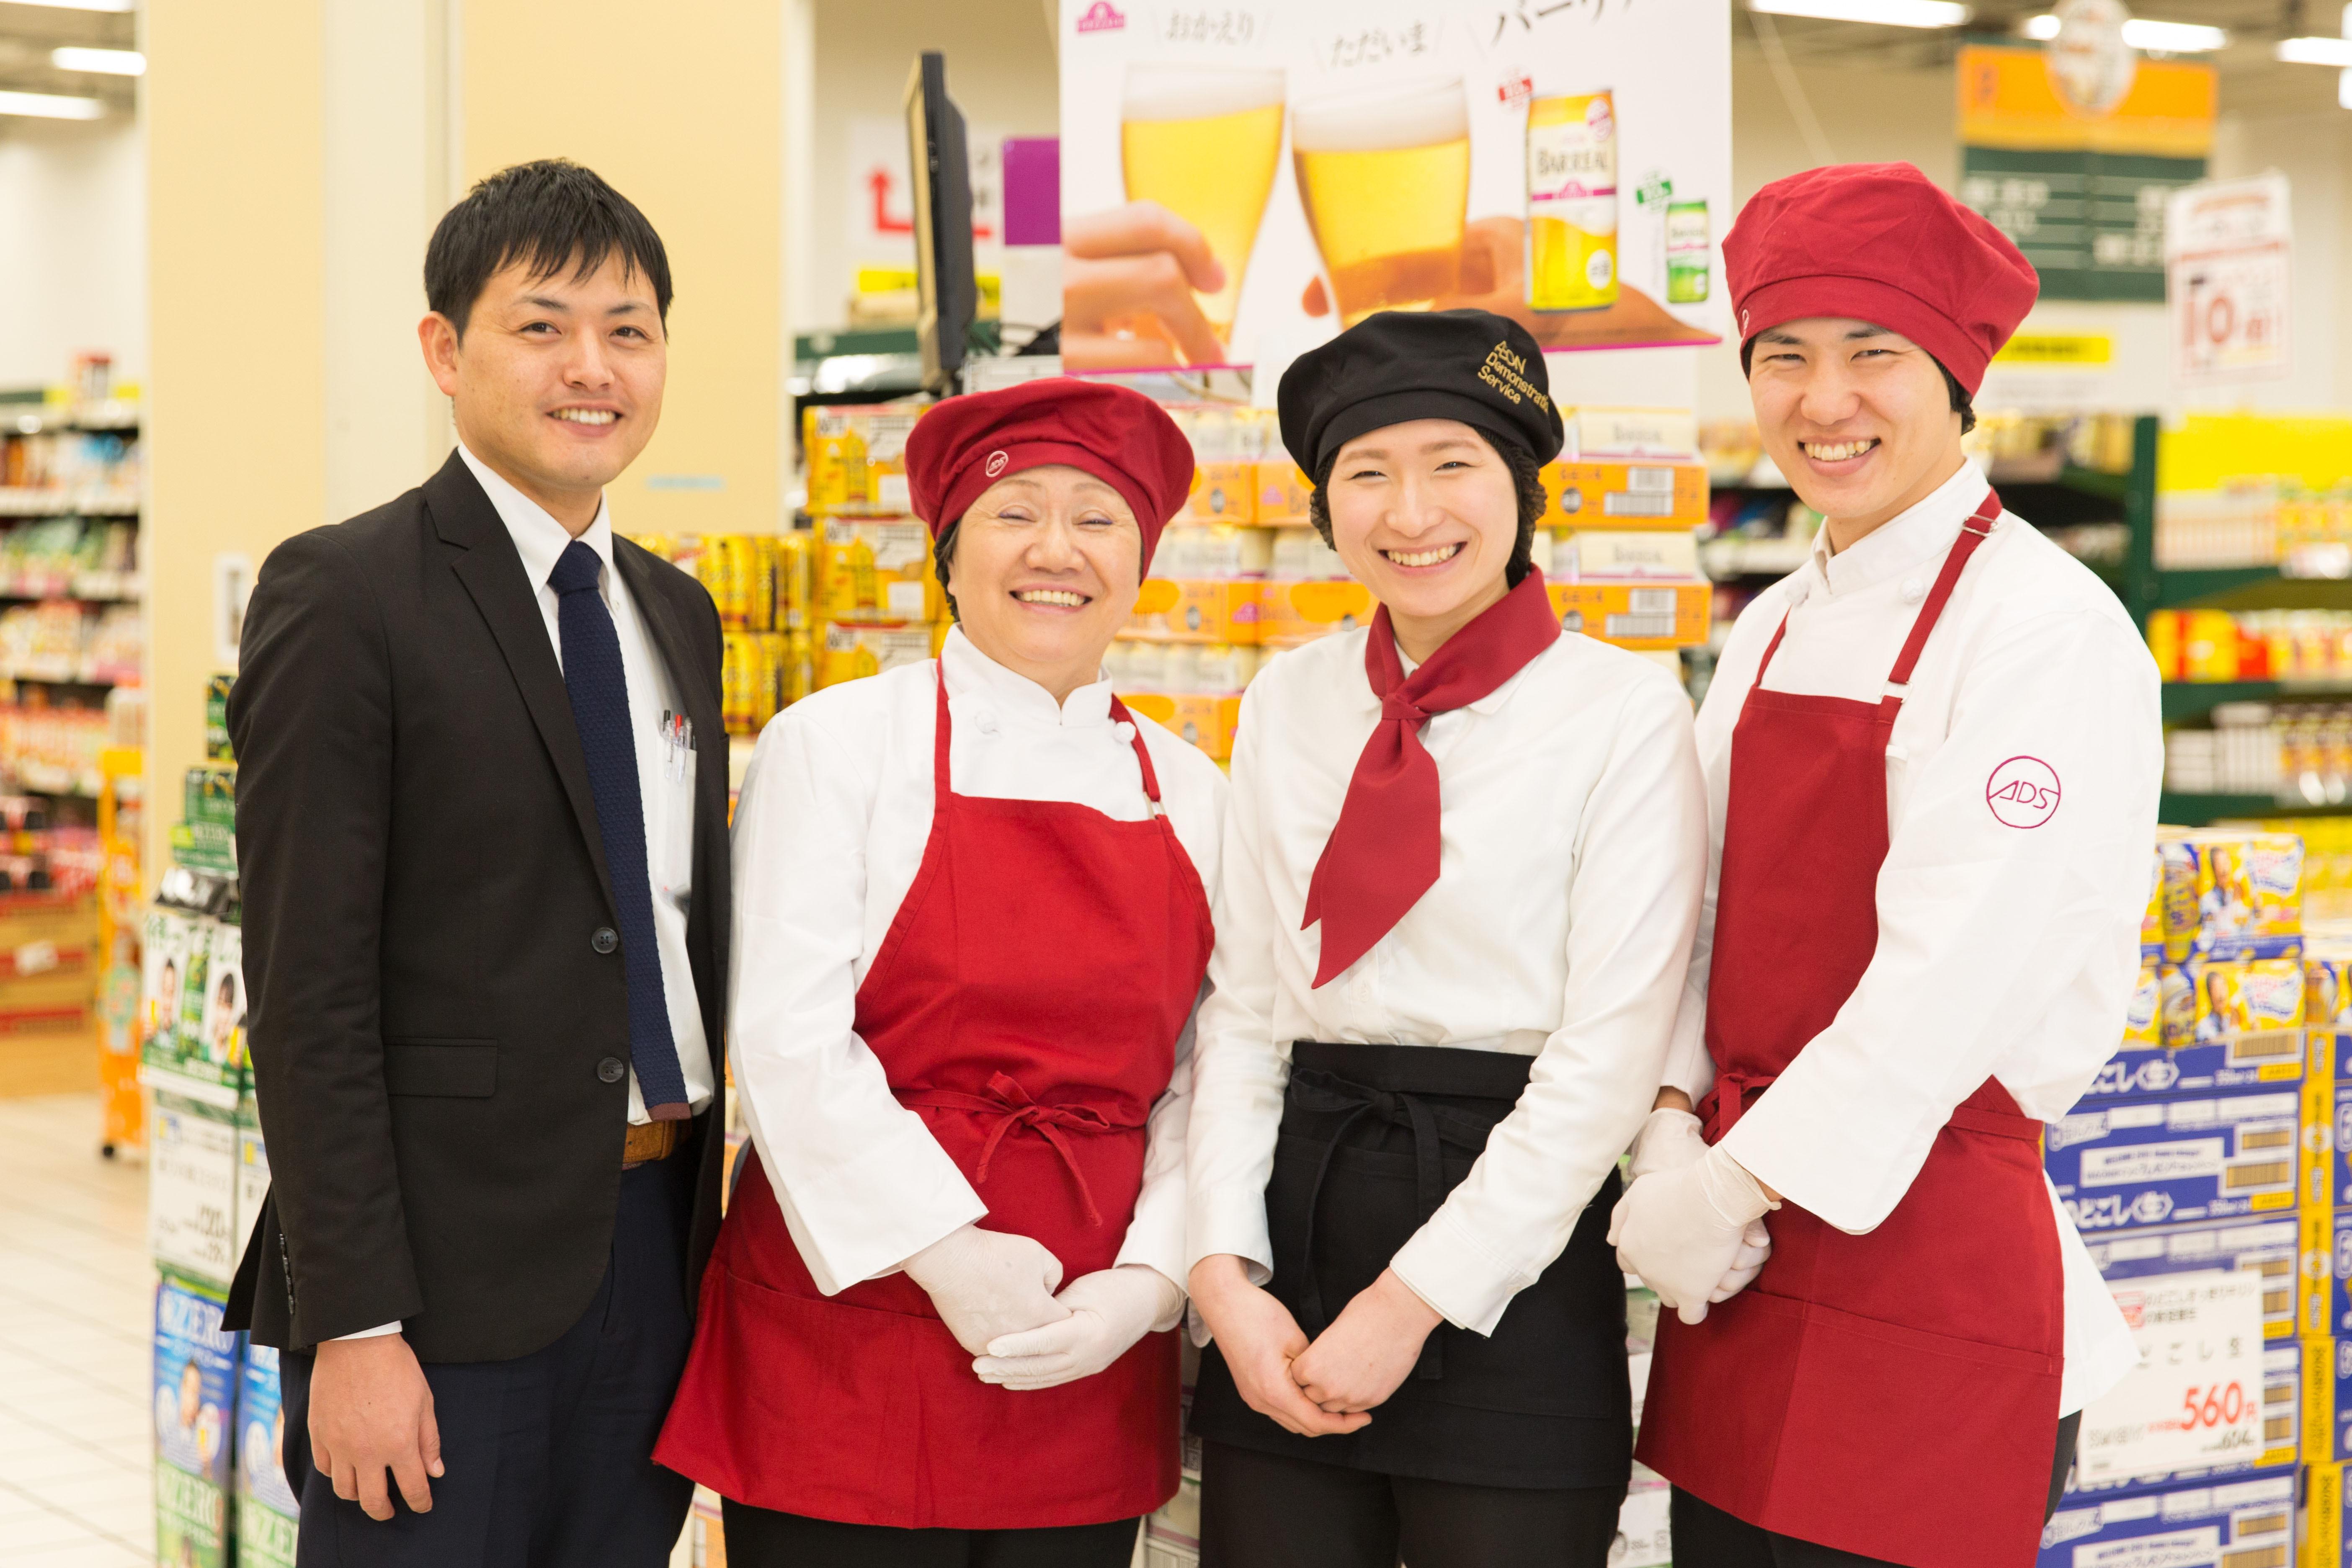 イオン 多賀城店 のアルバイト情報